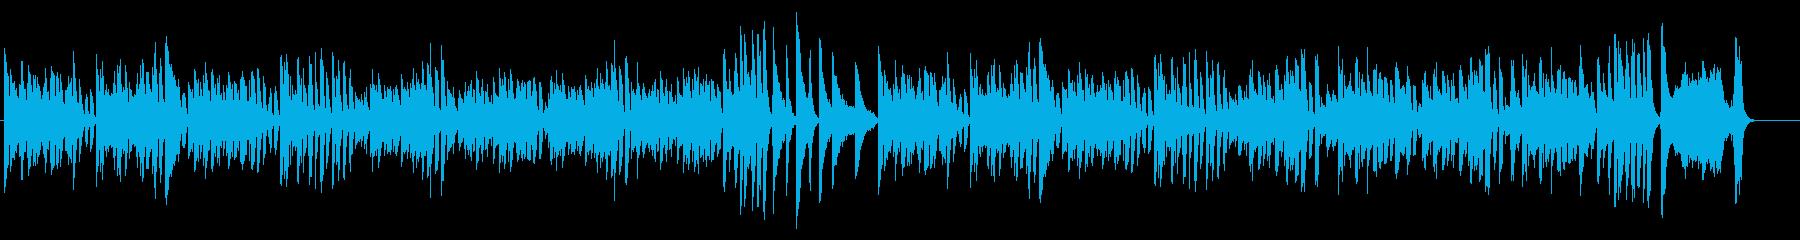 何かを作っている時の曲の再生済みの波形